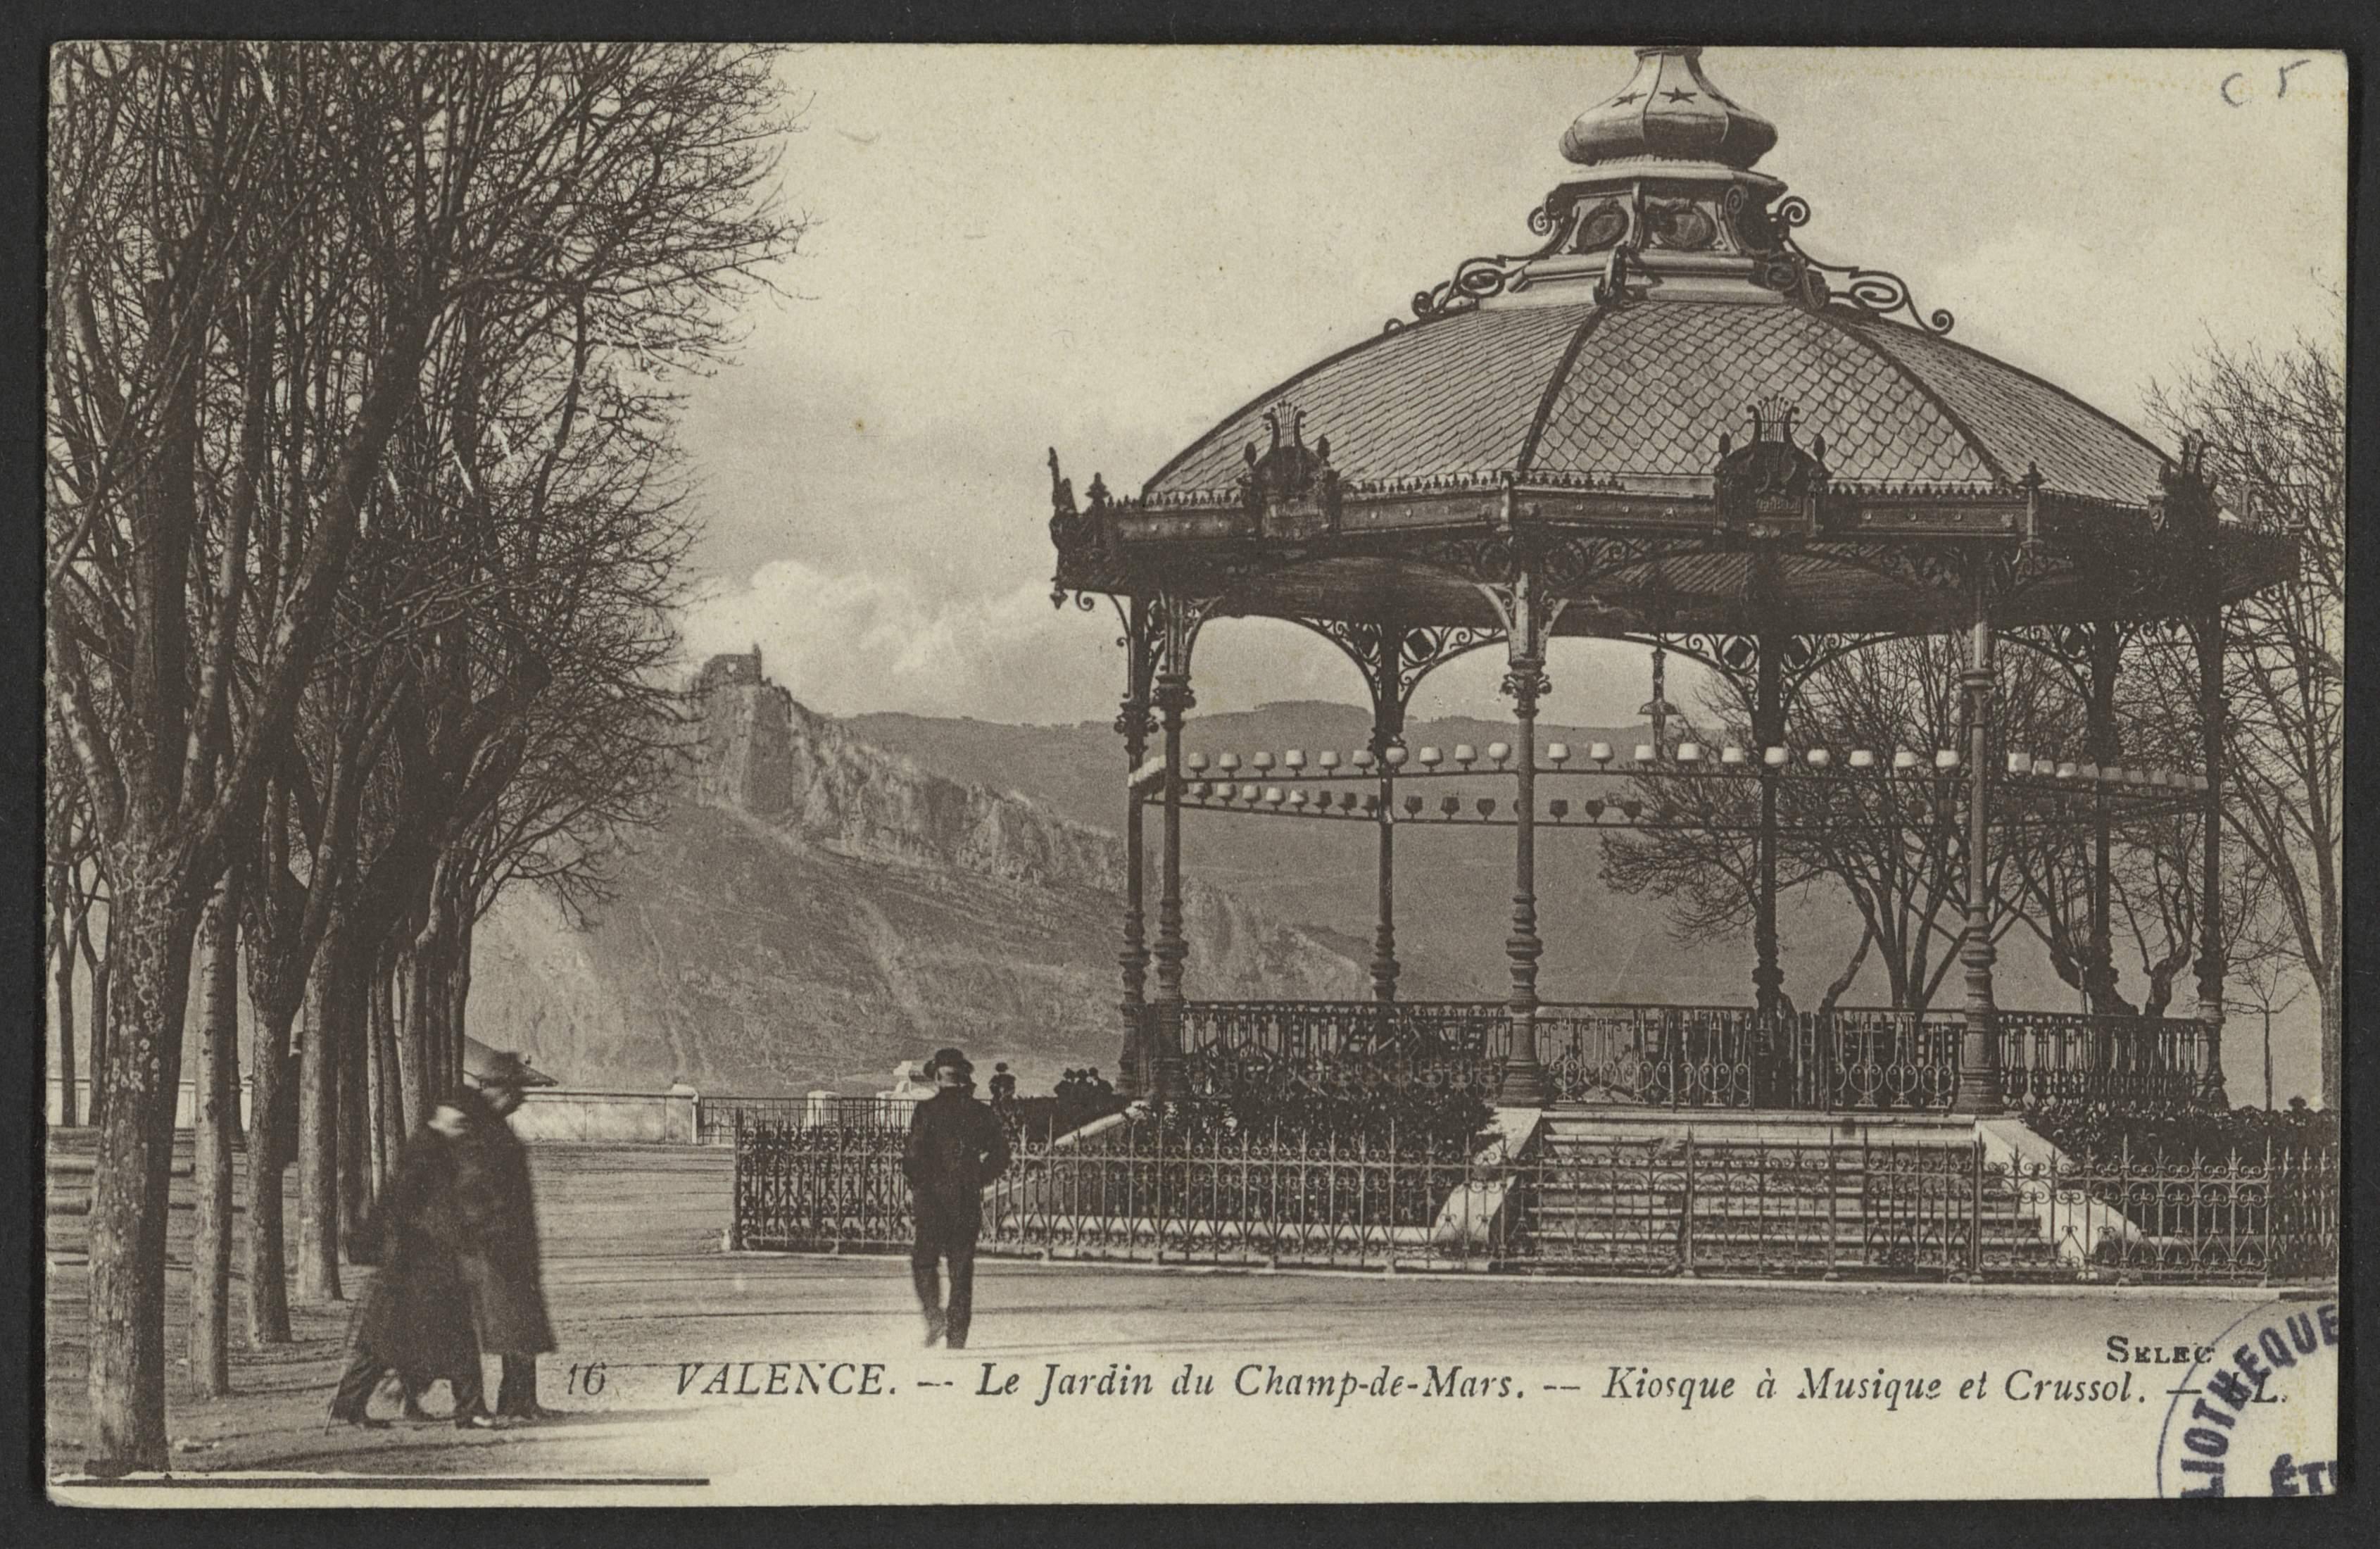 Valence. - Le Jardin du Champ de Mars. - Kiosque à Musique et Crussol